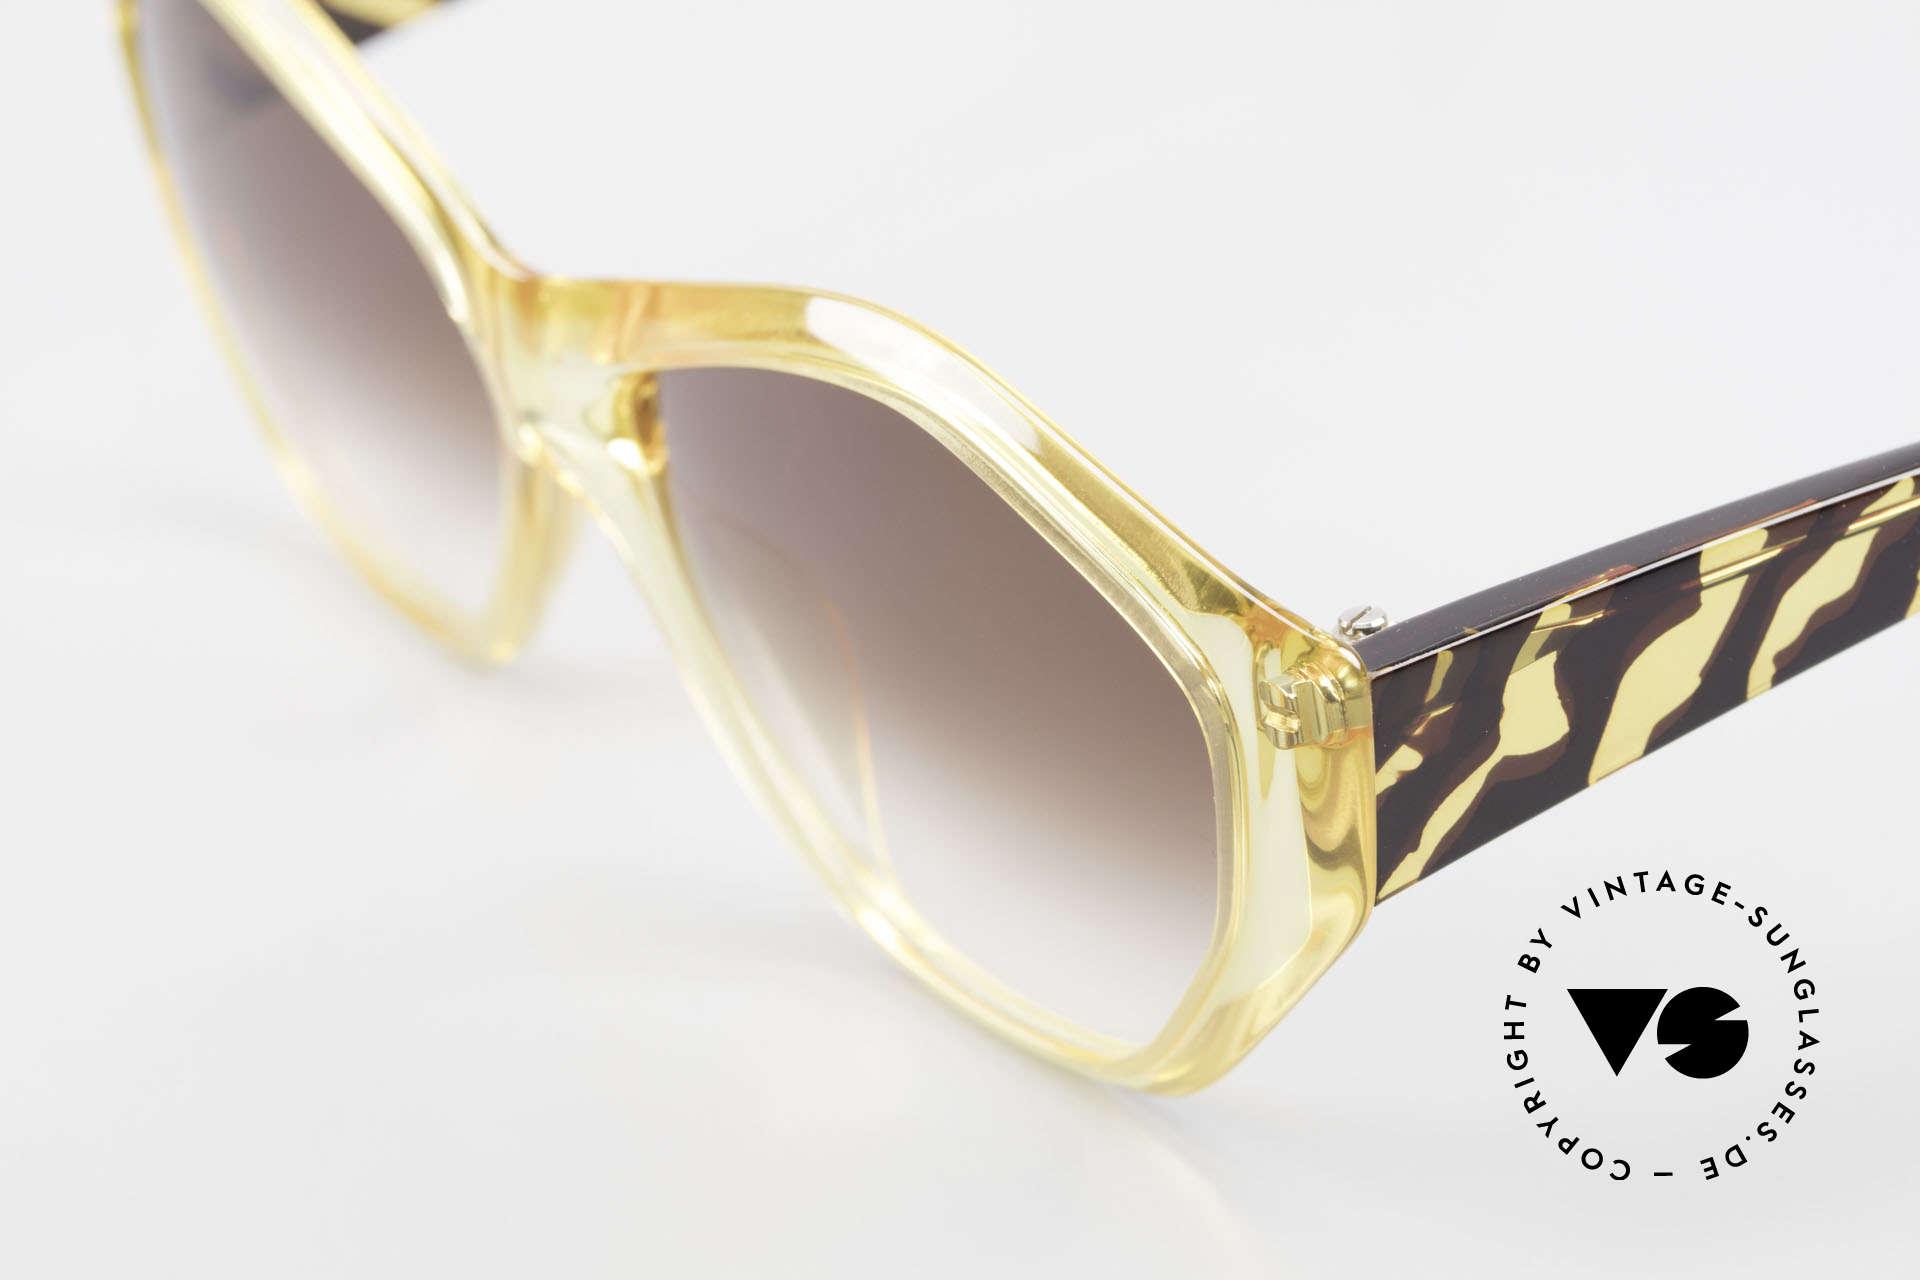 Paloma Picasso 1463 Optyl Sonnenbrille 90er Damen, von 1990, doch das Optyl-Material glänzt wie neu, Passend für Damen